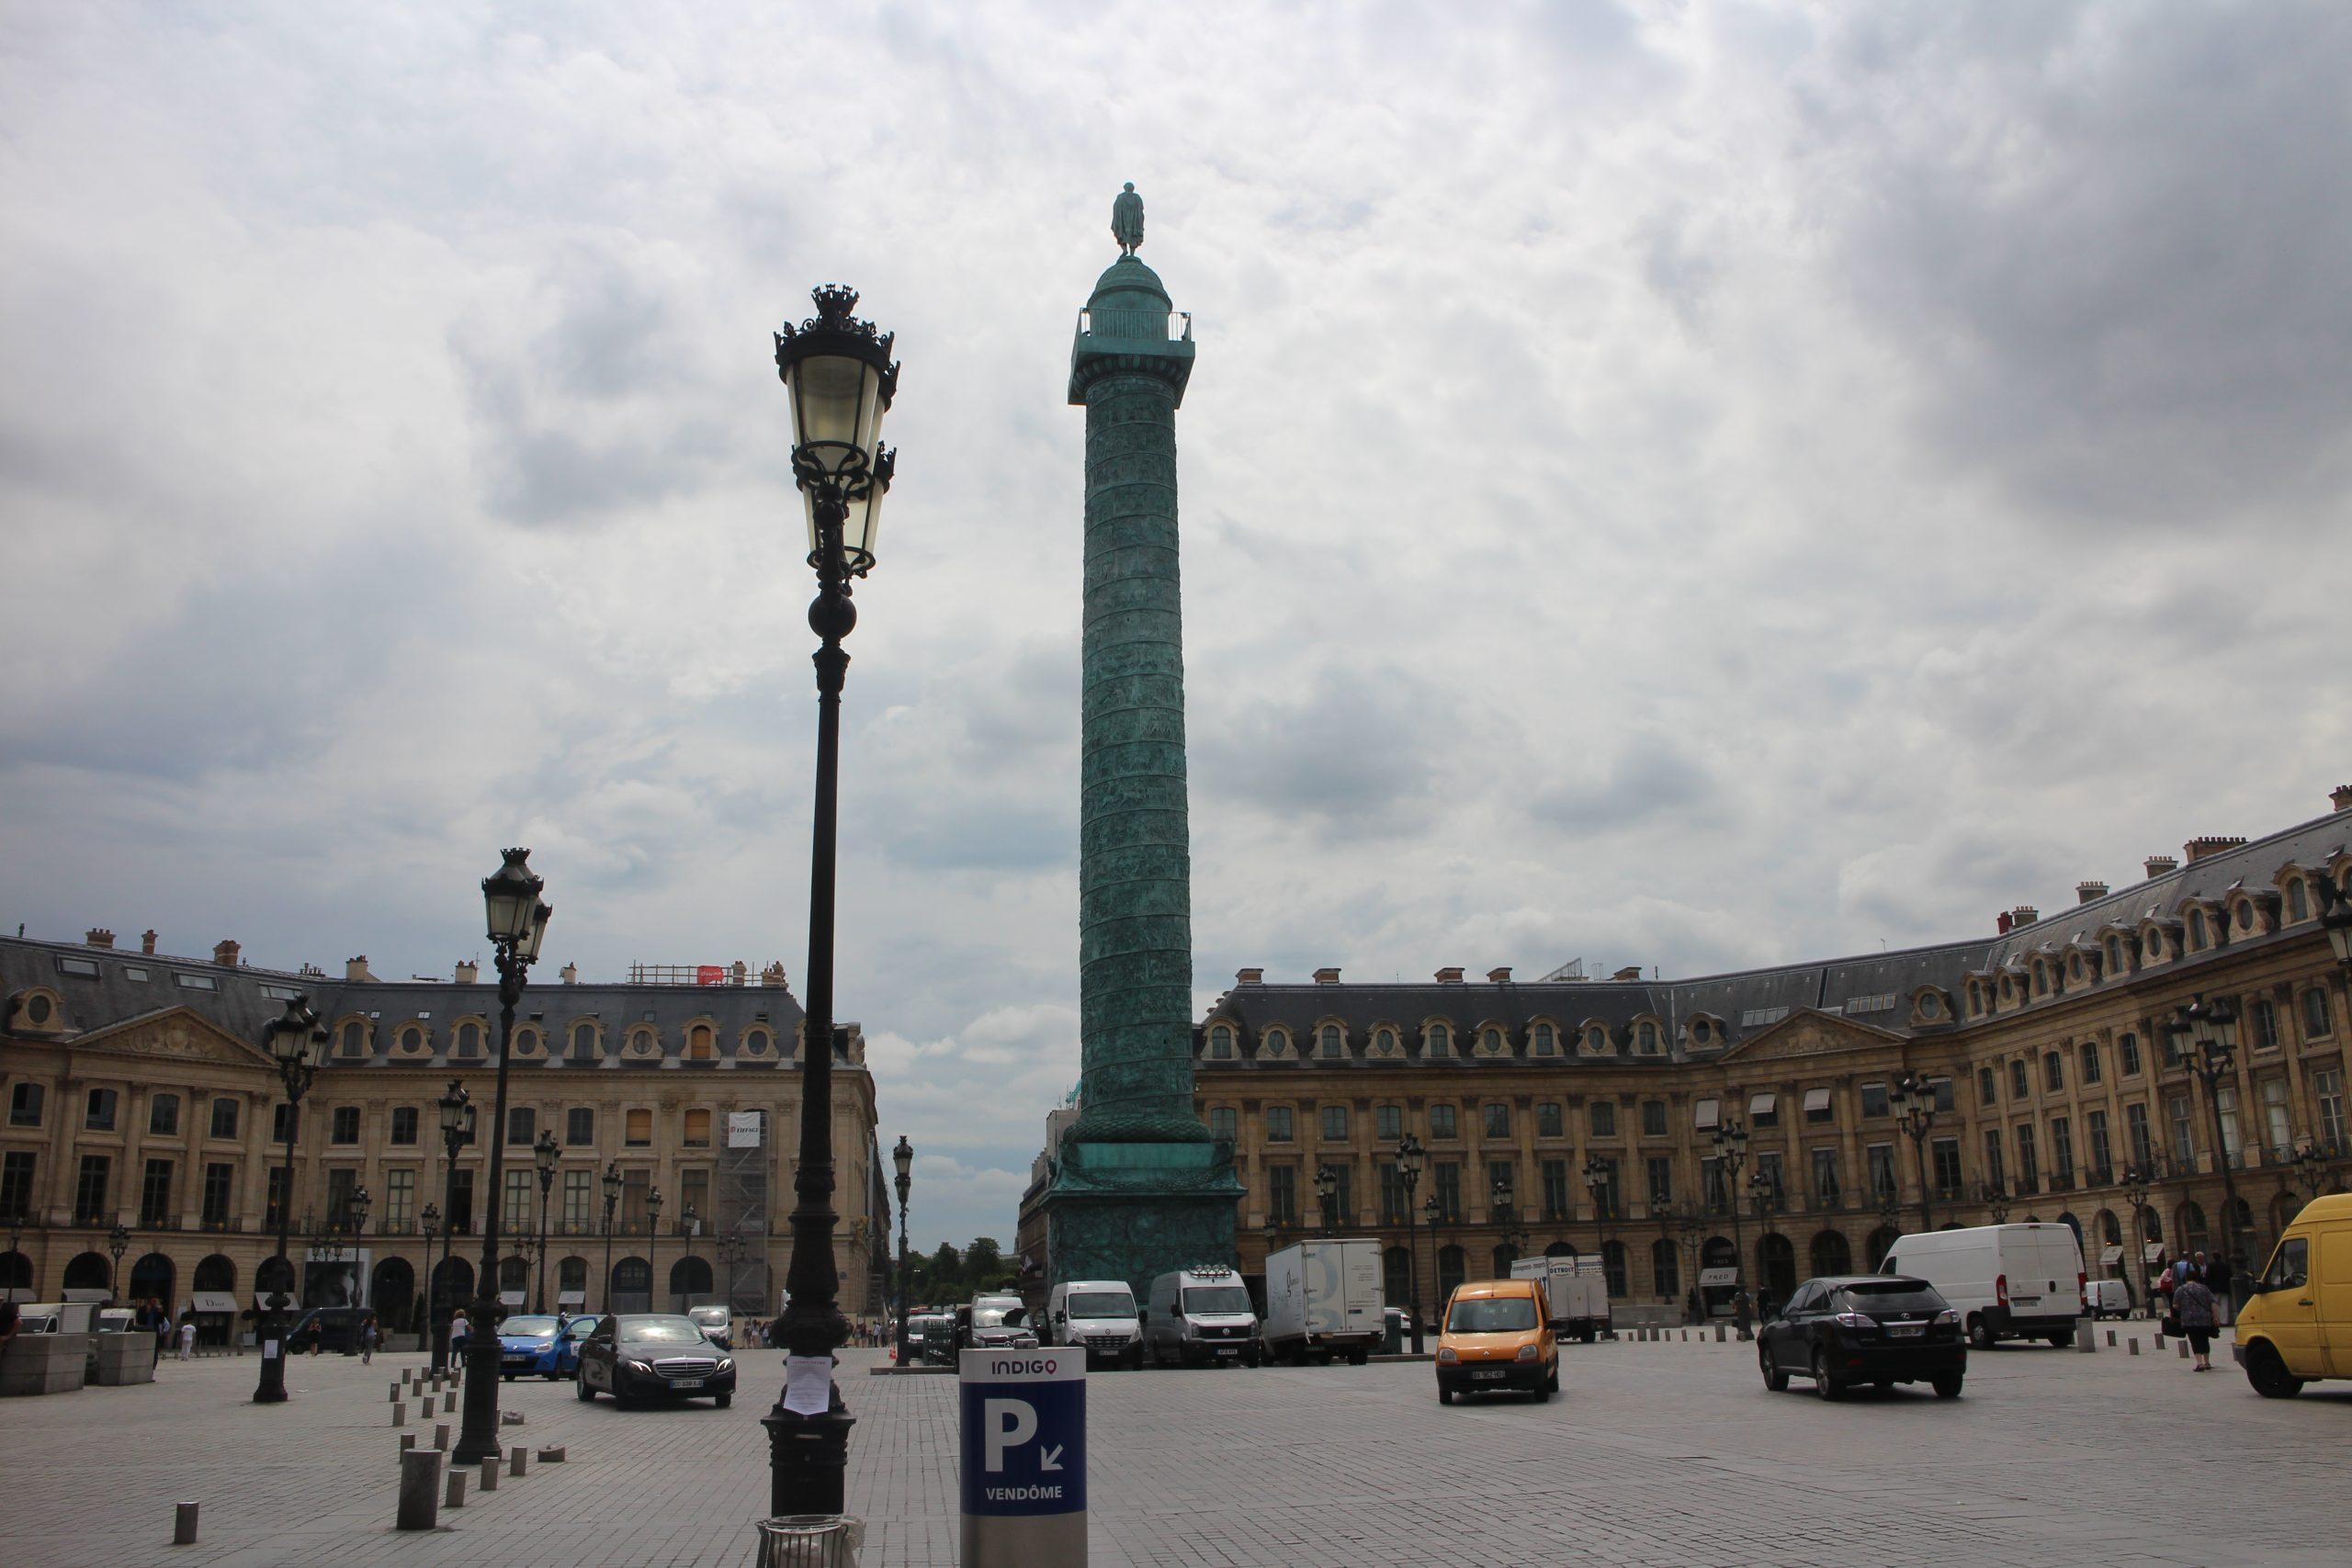 Produits scalaires, application, ensemble, Al-Kashi, première, Place Vendôme, Paris